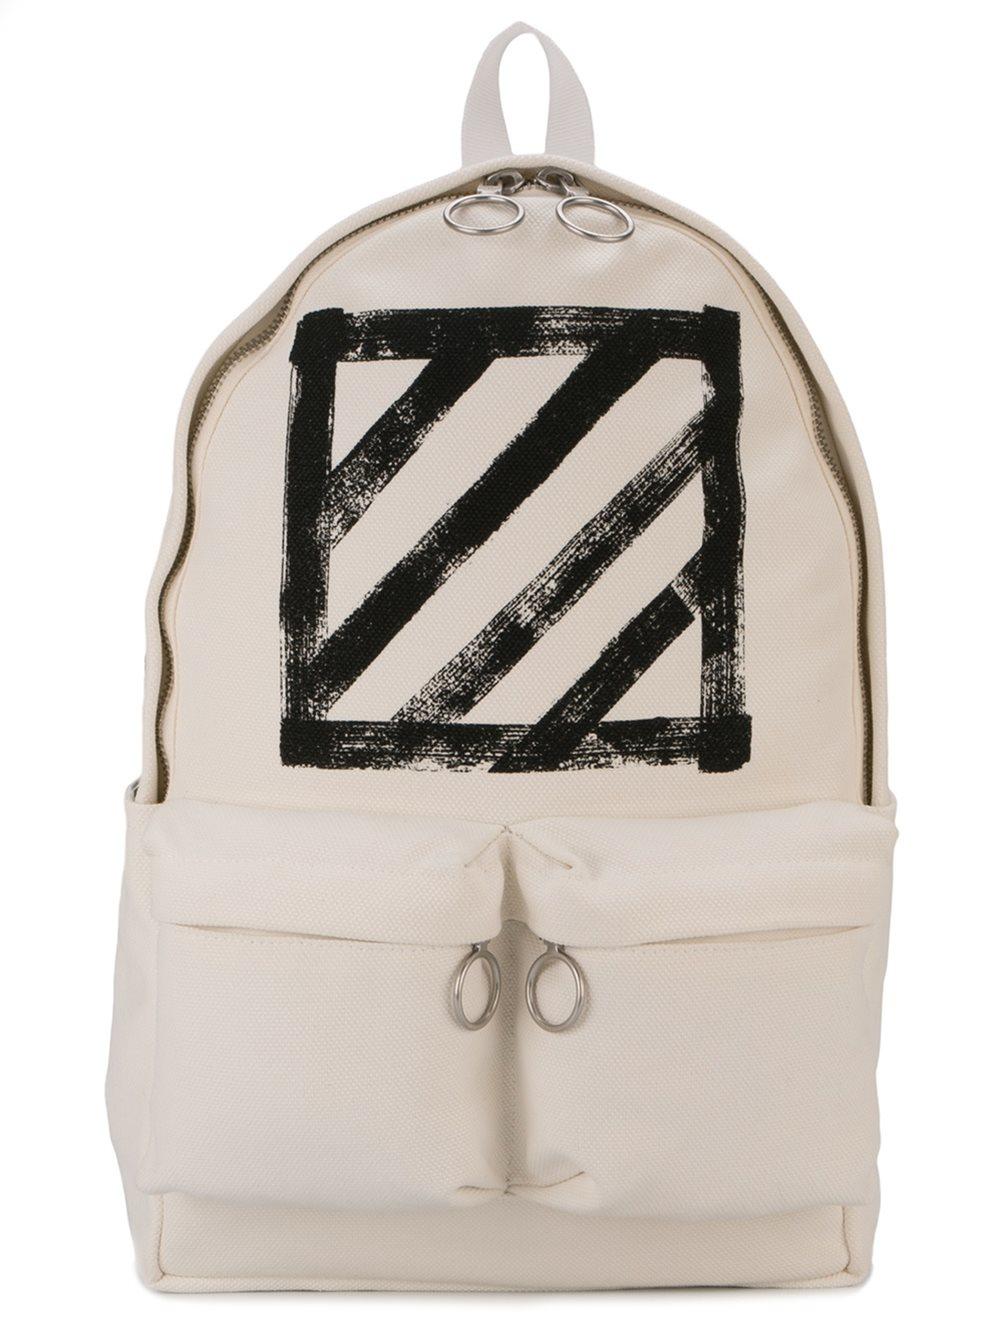 off white c o virgil abloh brushed diagonals backpack in. Black Bedroom Furniture Sets. Home Design Ideas